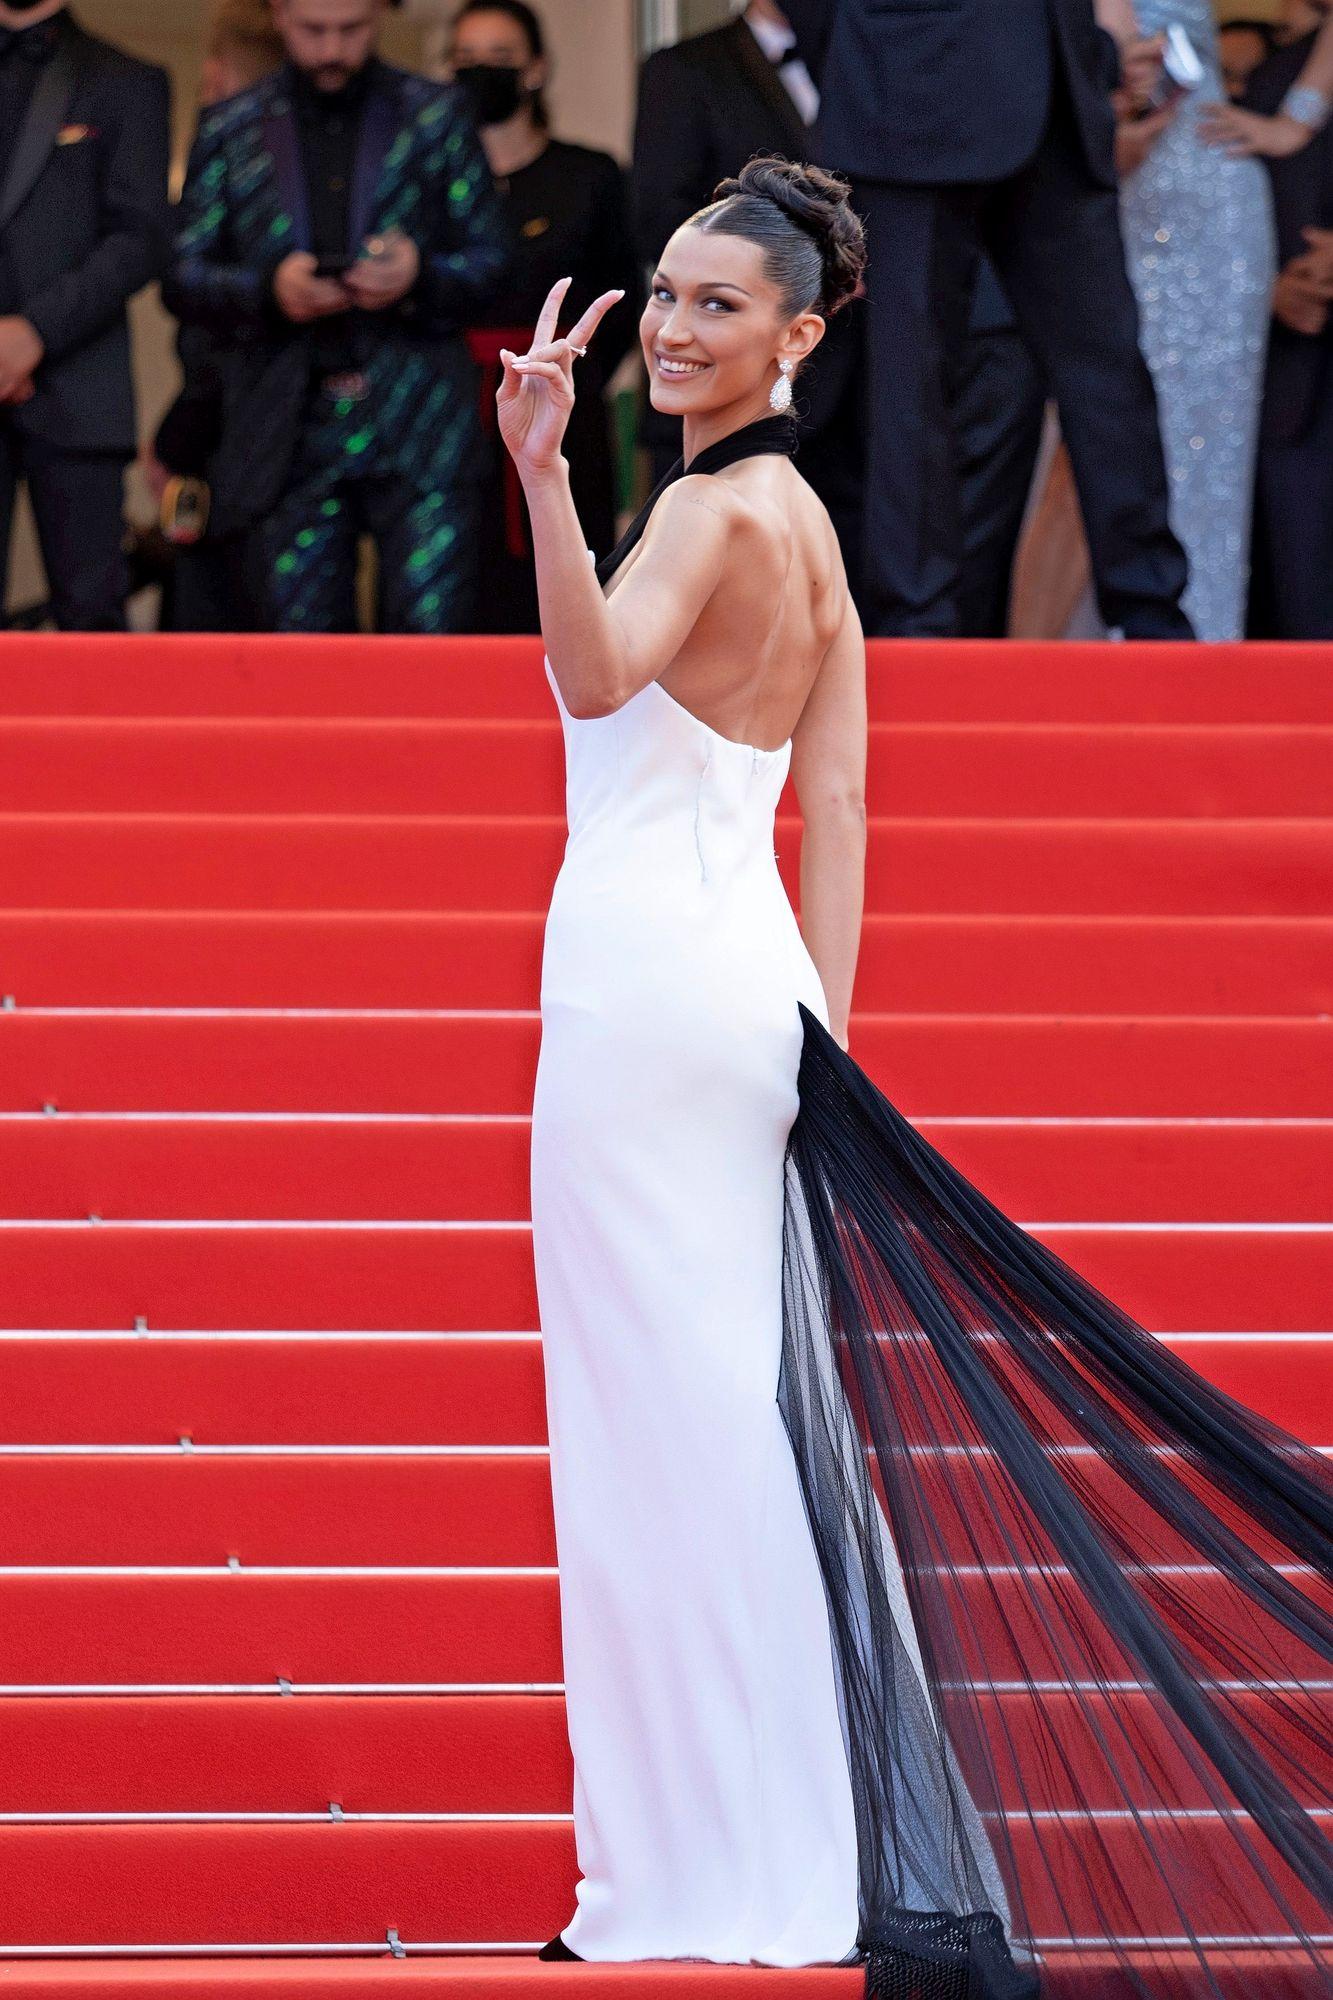 Malli Bella Hadid oli yksi avajaisseremonian kuvatuimmista tähdistä näyttävässä Jean Paul Gaultierin suunnittelemassa luomuksessa. © LAURENT VU/JP PARIENTE / Sipa Press / MVPhotos